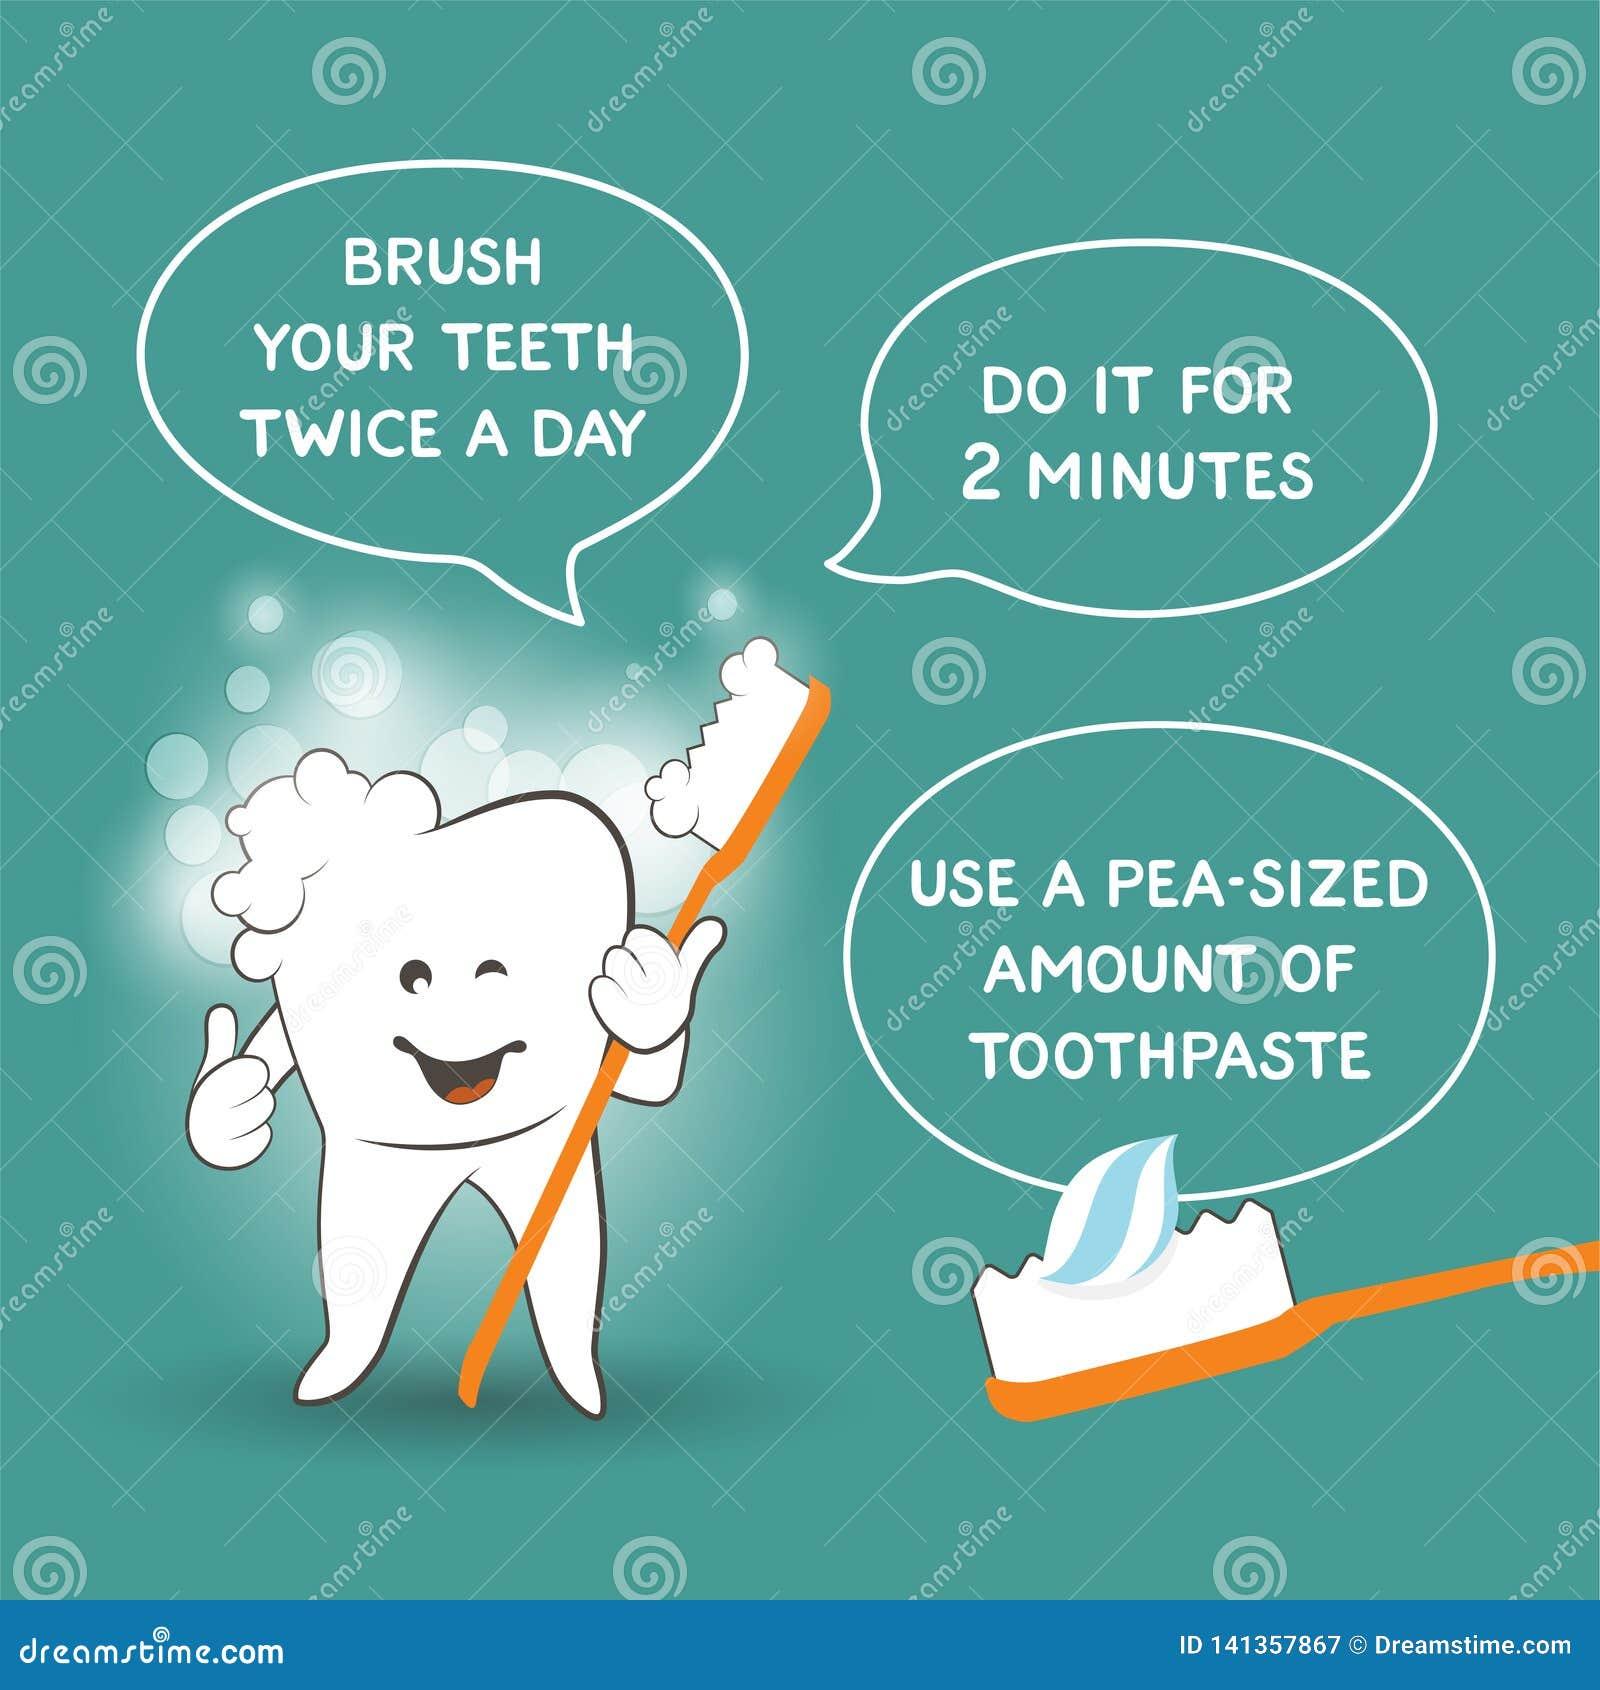 Istruzione per i bambini come pulire correttamente i vostri denti - il consiglio del dentista Manifesto di cura del dente per i b